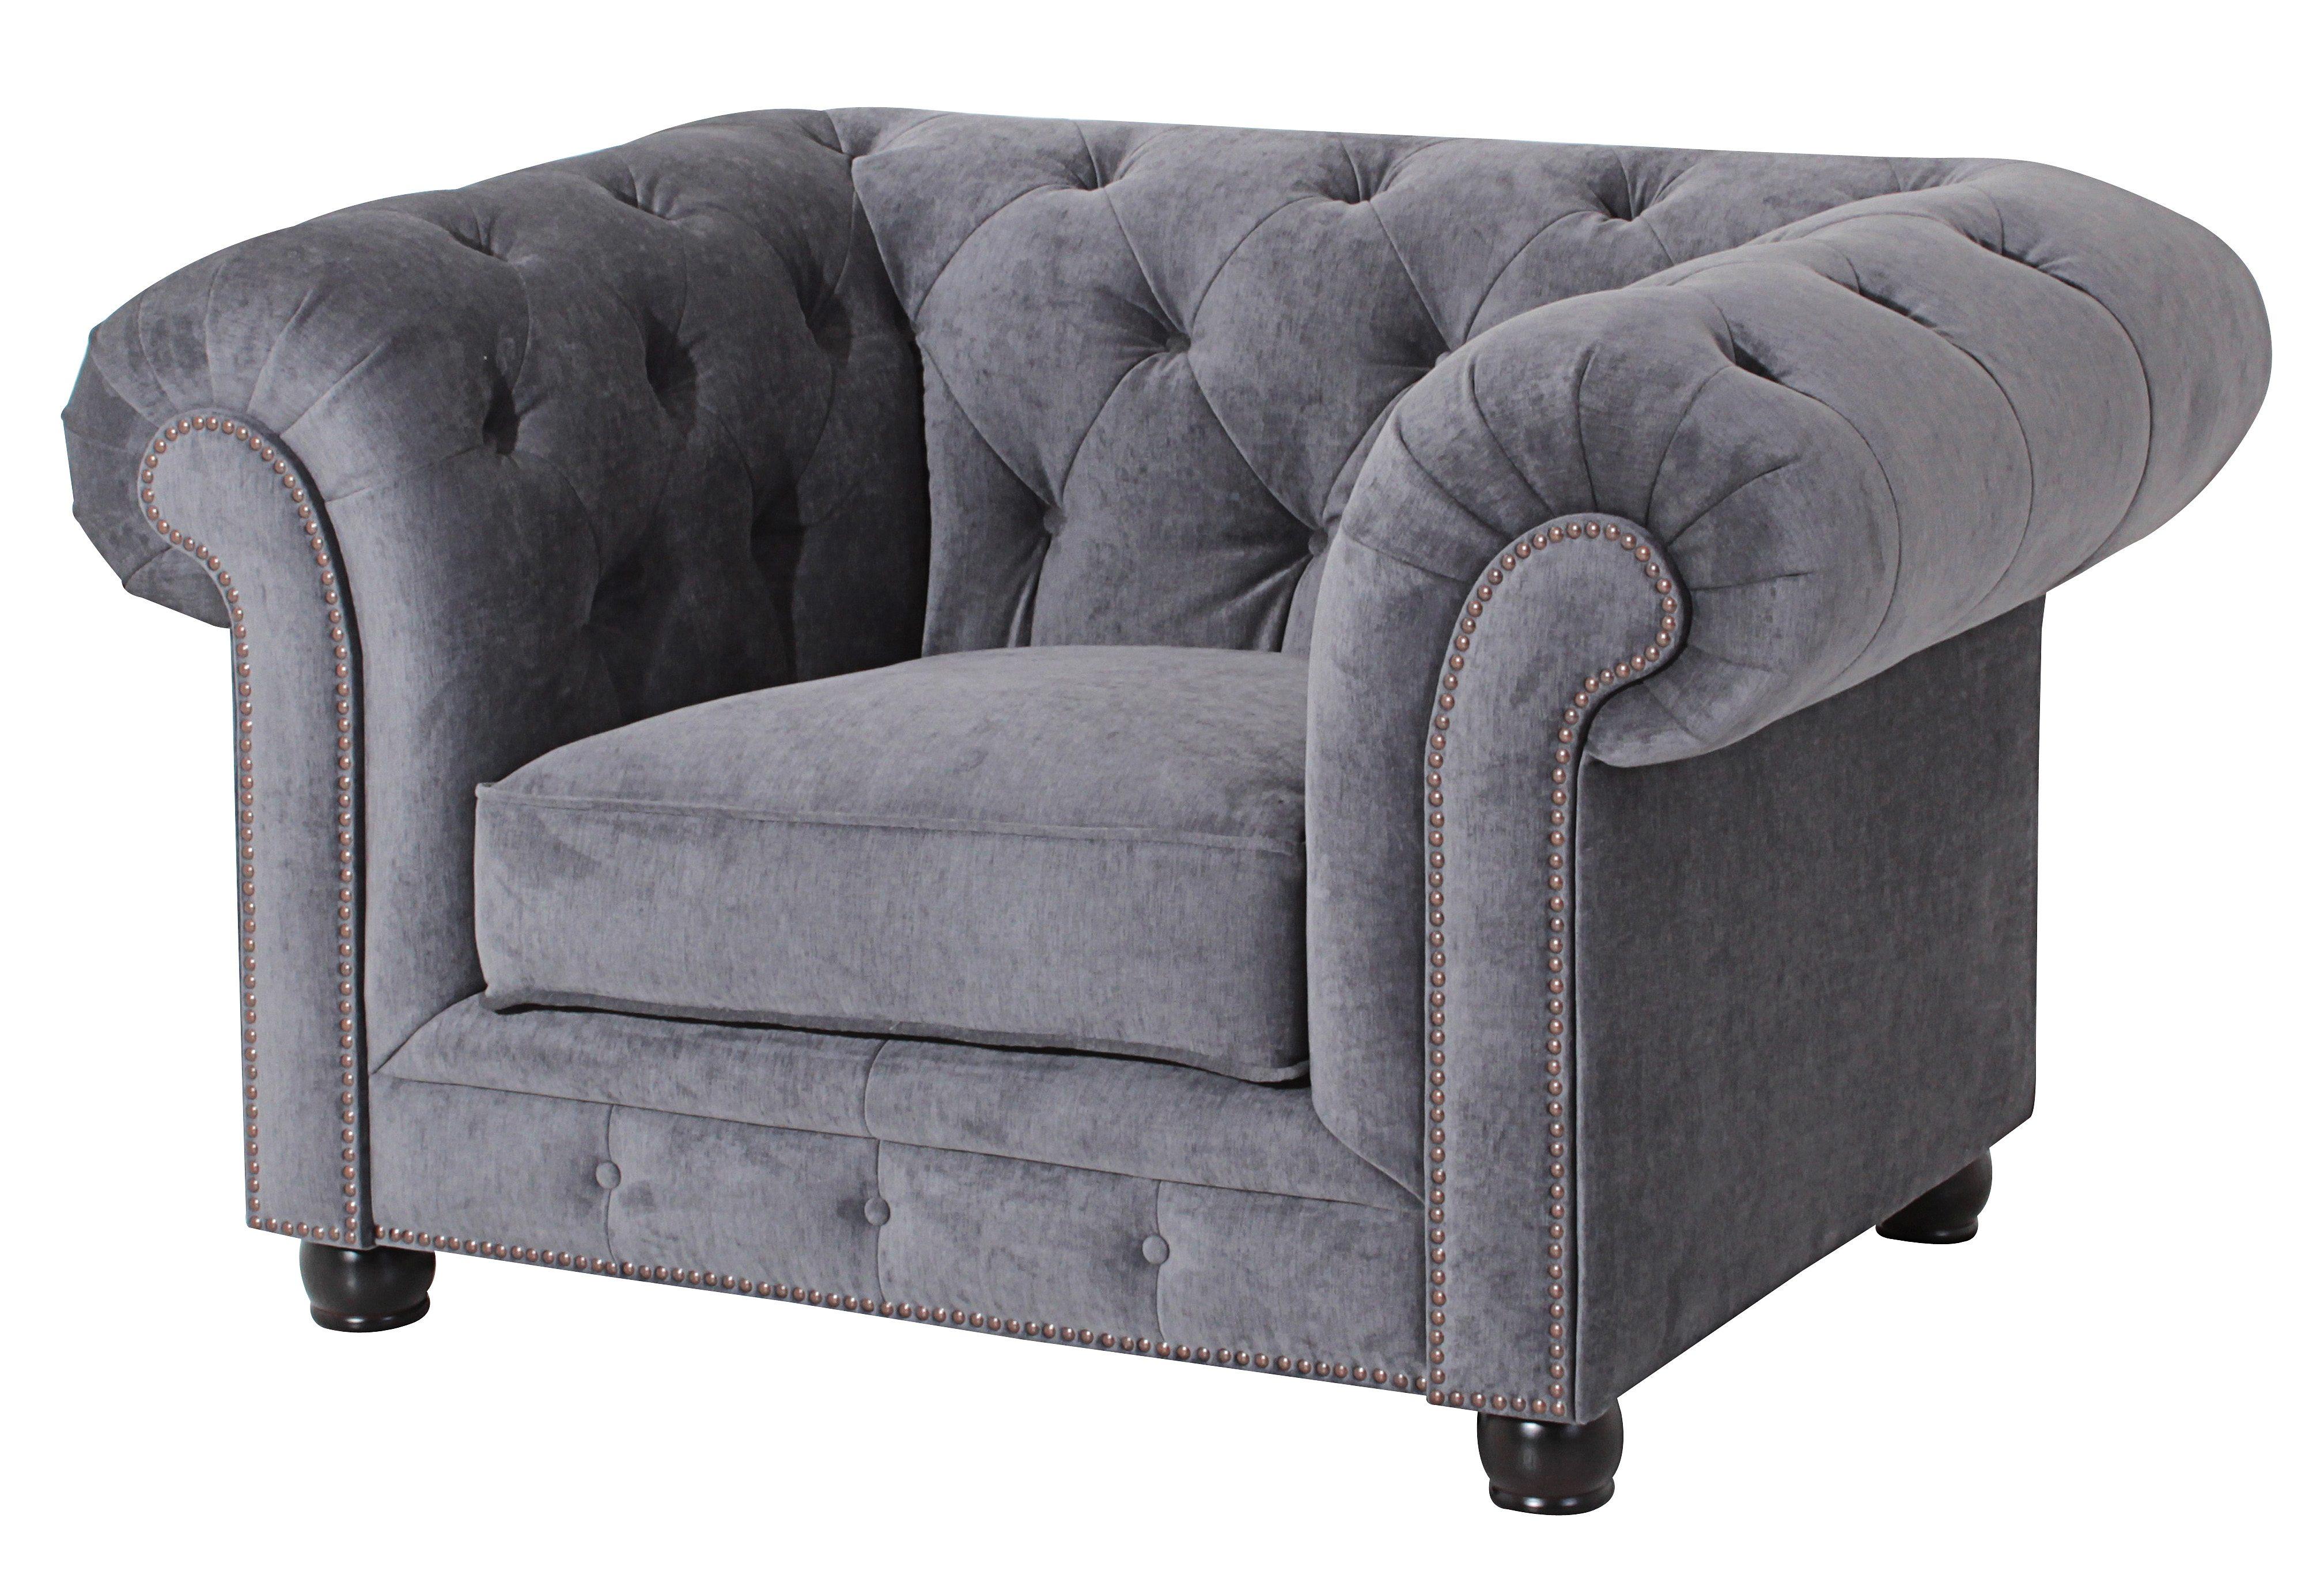 max winzer max winzer chesterfield billiger kaufen jetztbilligerkaufen. Black Bedroom Furniture Sets. Home Design Ideas